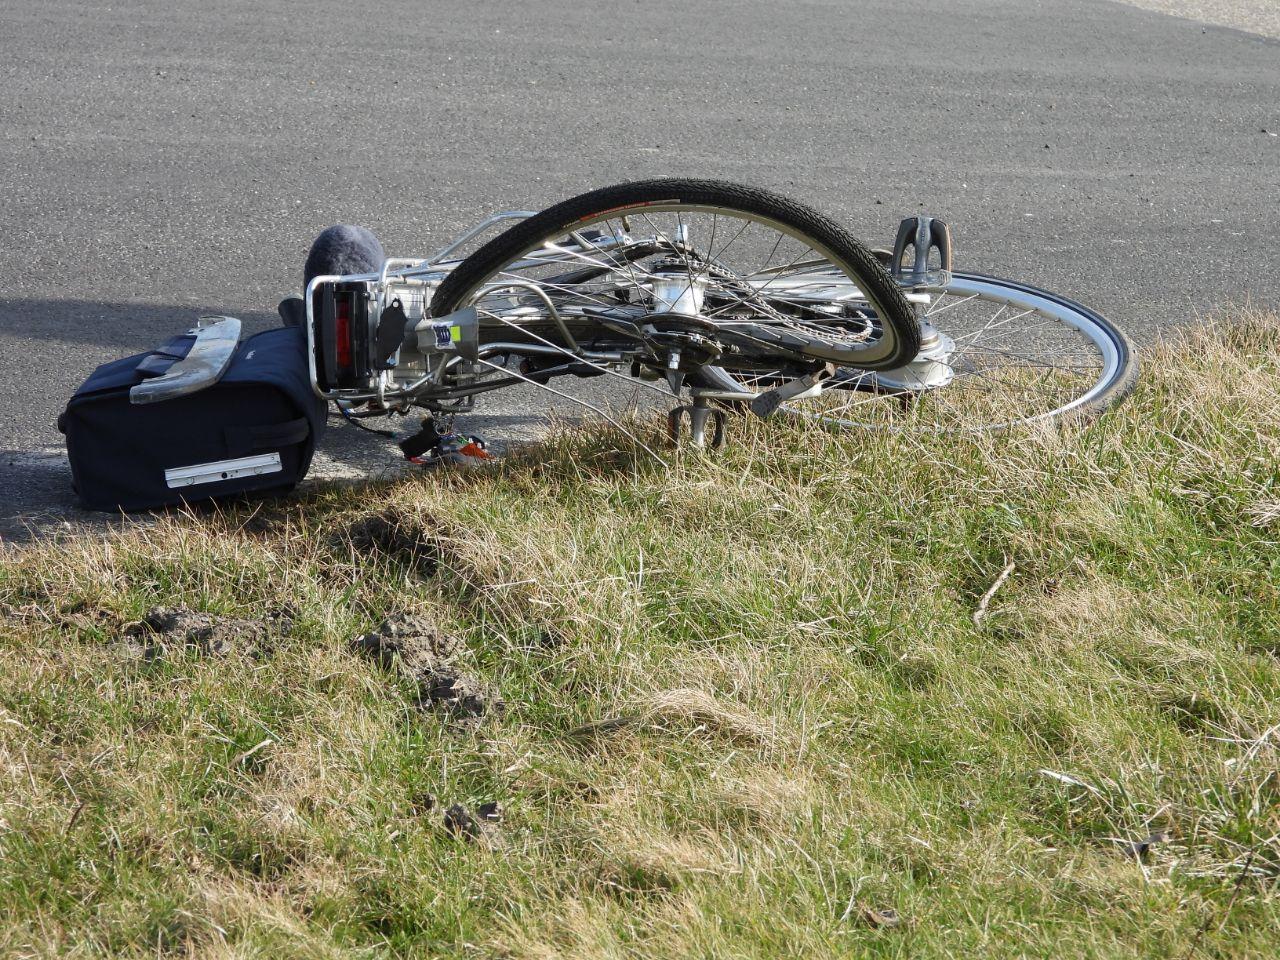 Fietser gewond geraakt na een aanrijding met personenauto op de N393 – Middelweg-West in  St. Jacobiparochie